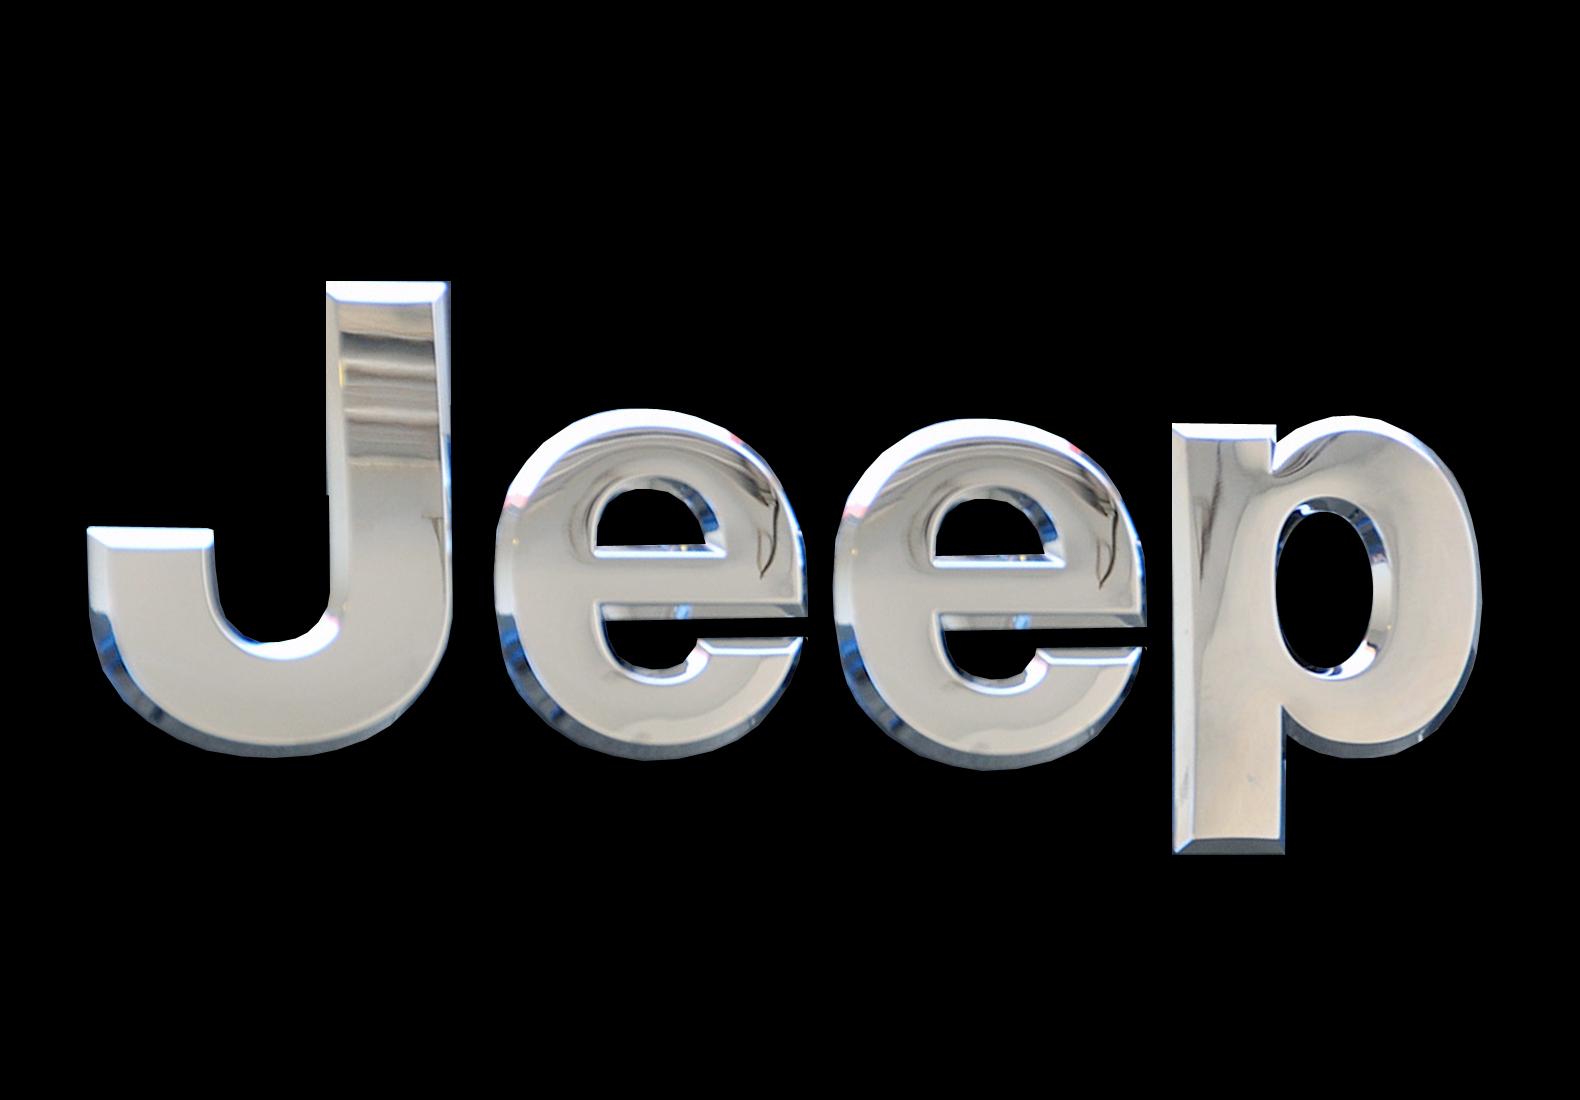 Car Home Screen Wallpaper Jeep Wrangler 2018 Avvistato Nuovamente In Strada Il